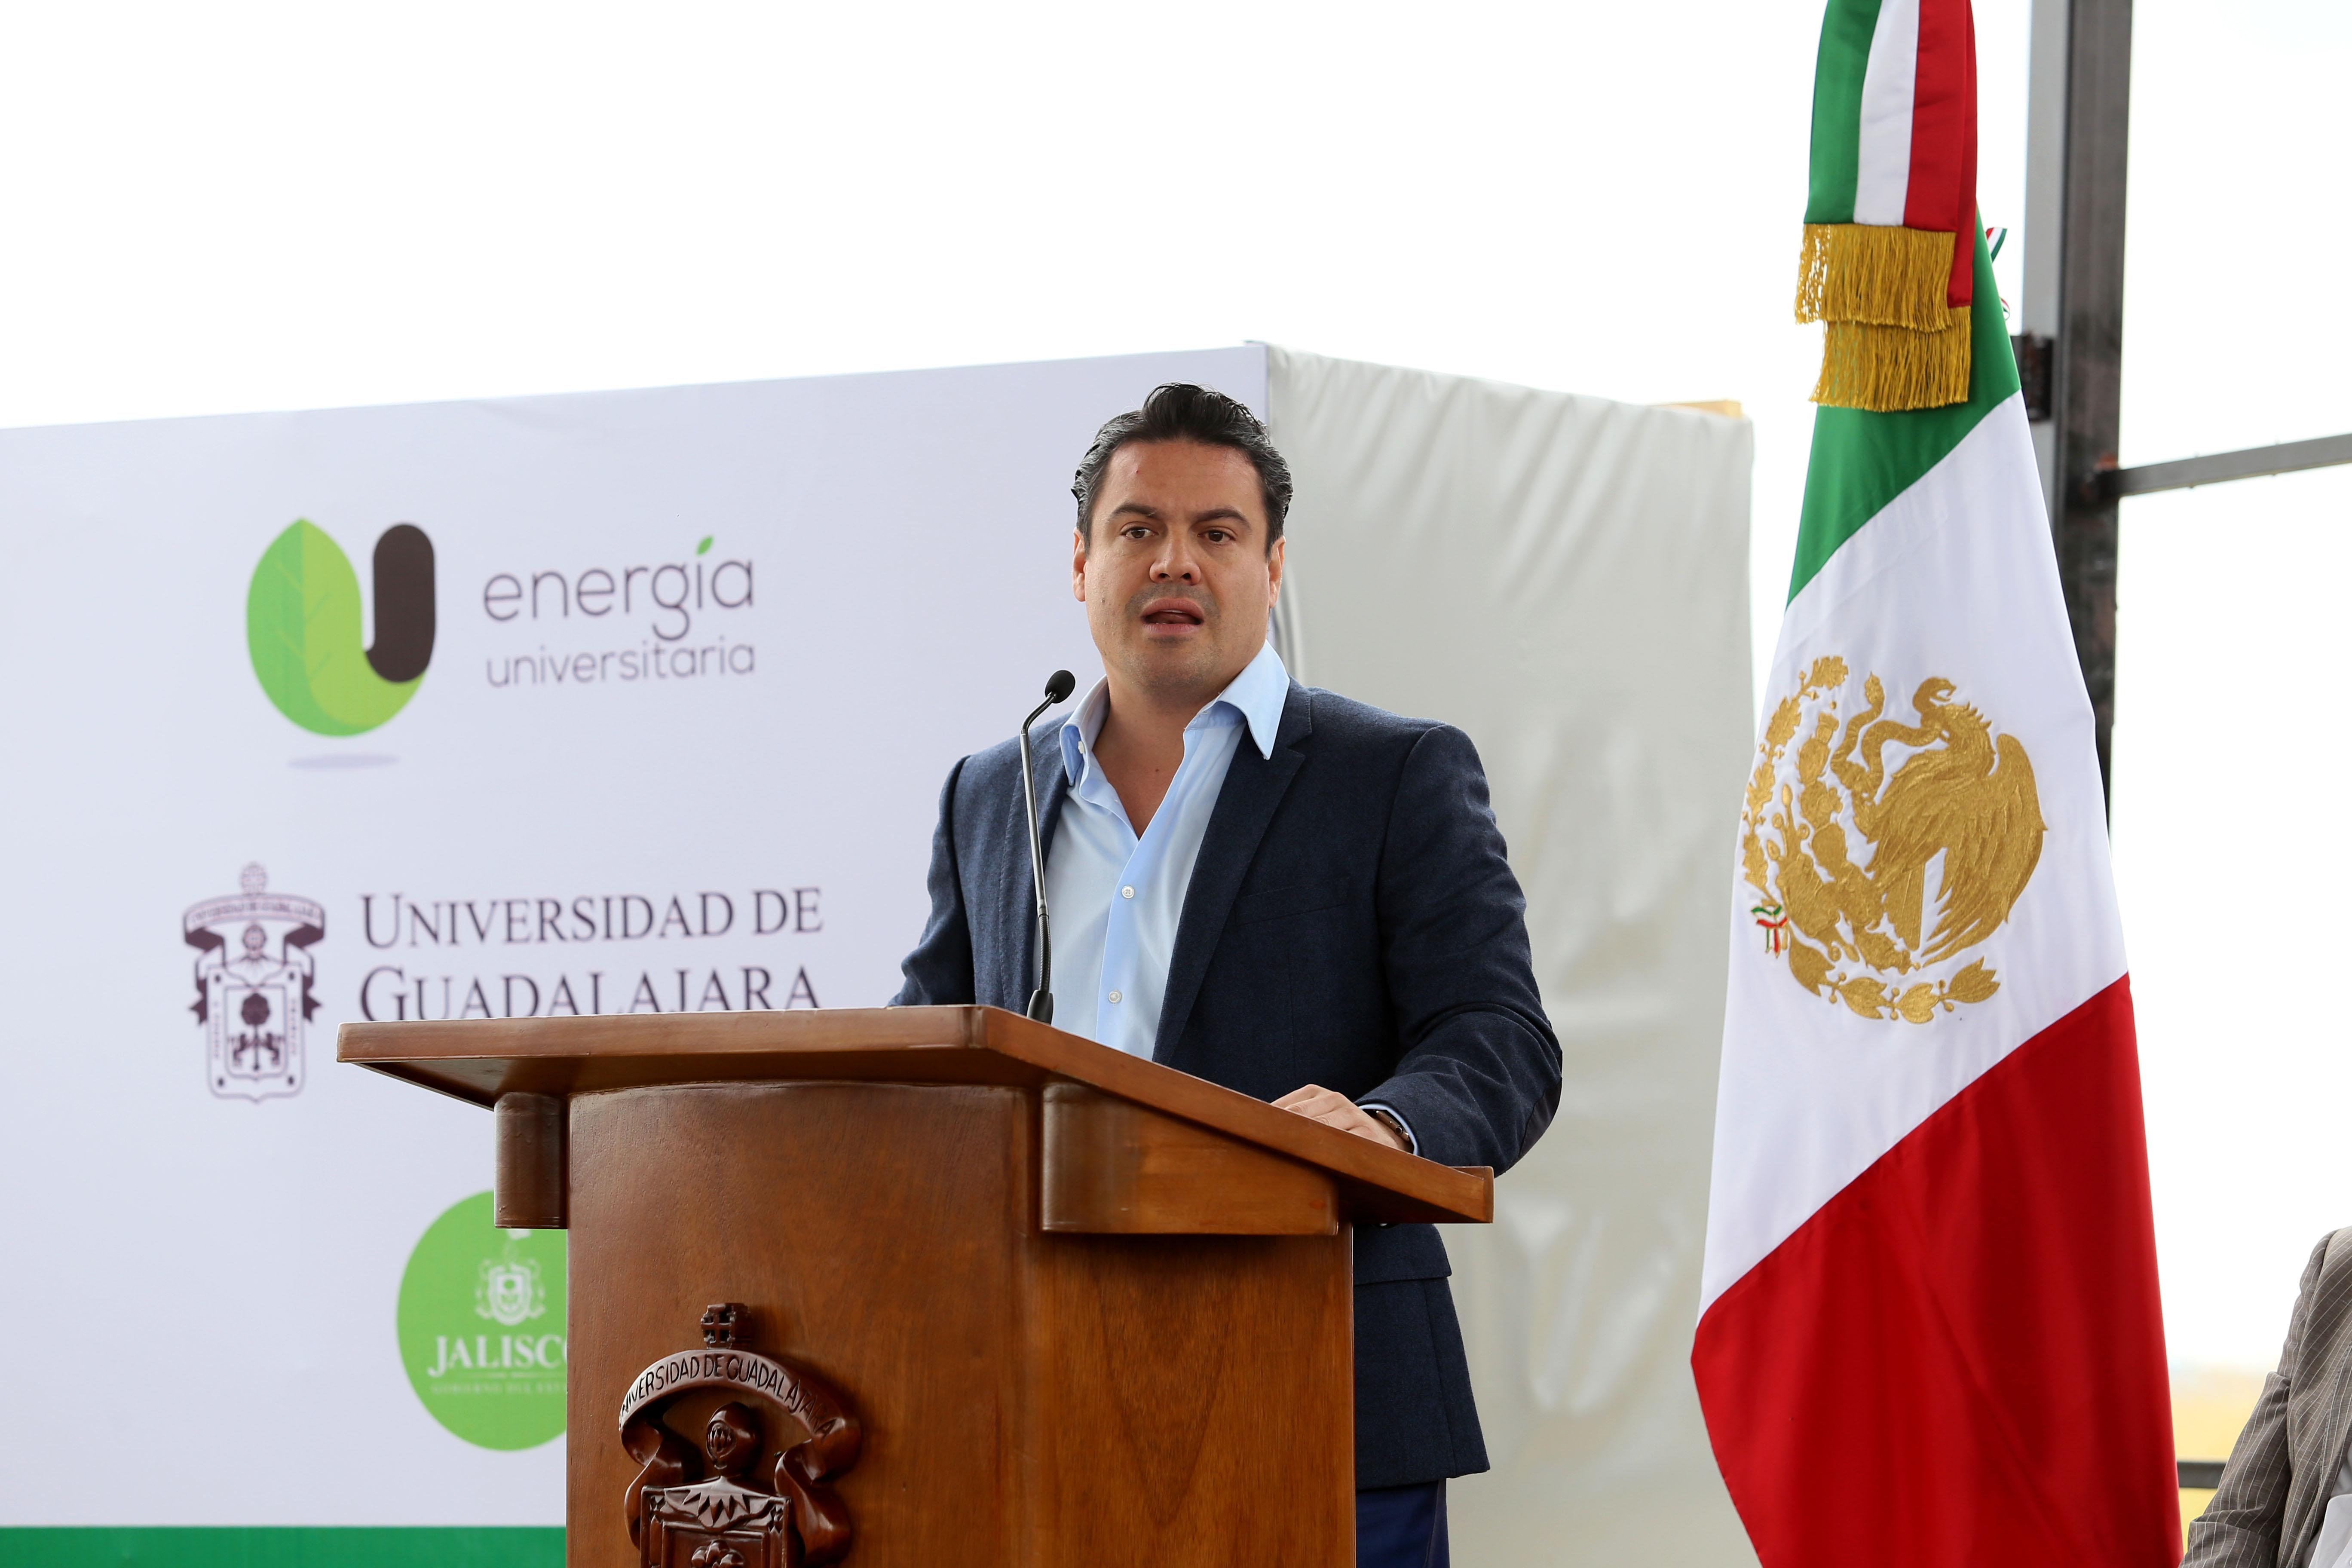 Gobernador de Jalisco, maestro Jorge Aristóteles Sandoval Díaz, con micrófono en podium haciendo uso de la palabra, durante inauguración de la primera pieza del huerto fotovoltaico.